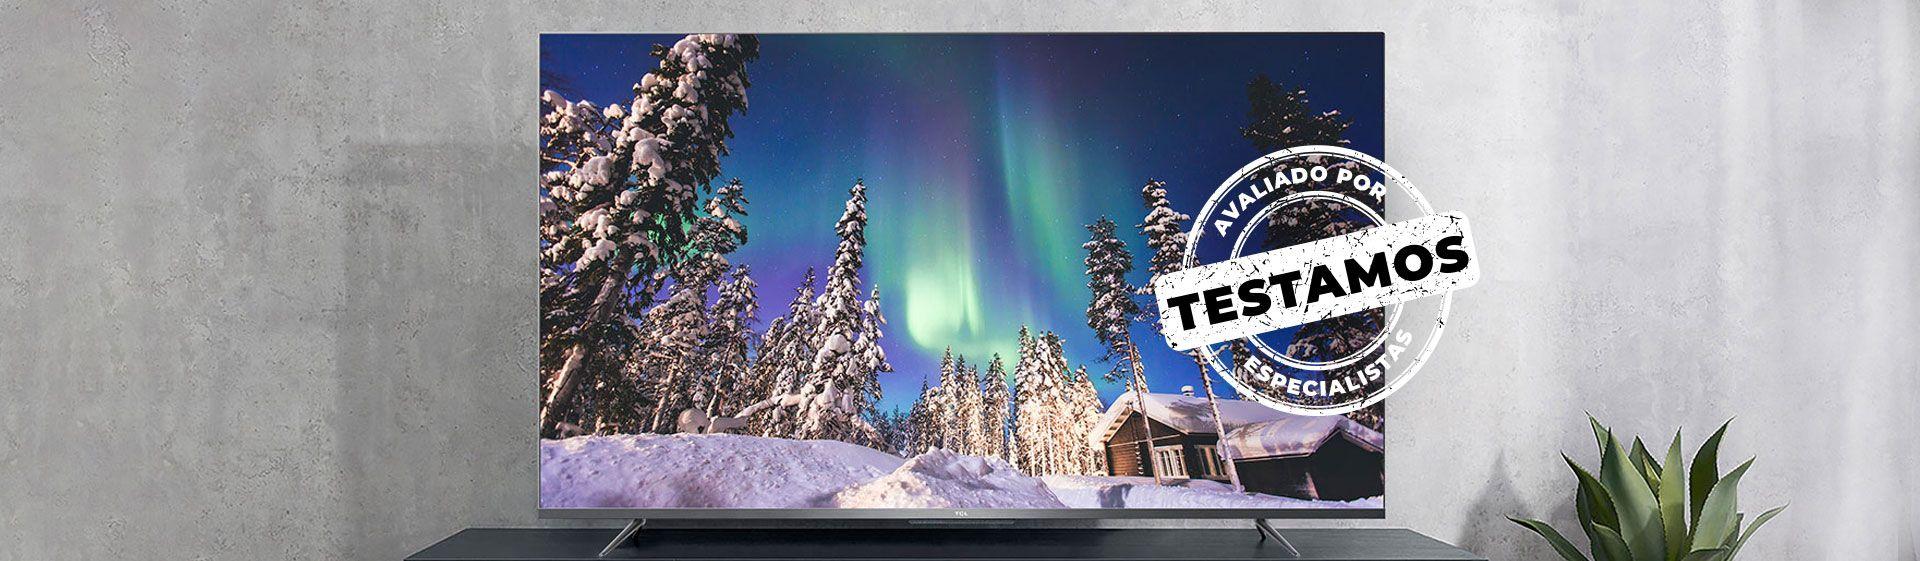 """TV TCL P715 centralizada, com selo """"Avaliado por Especialistas"""" na imagem."""